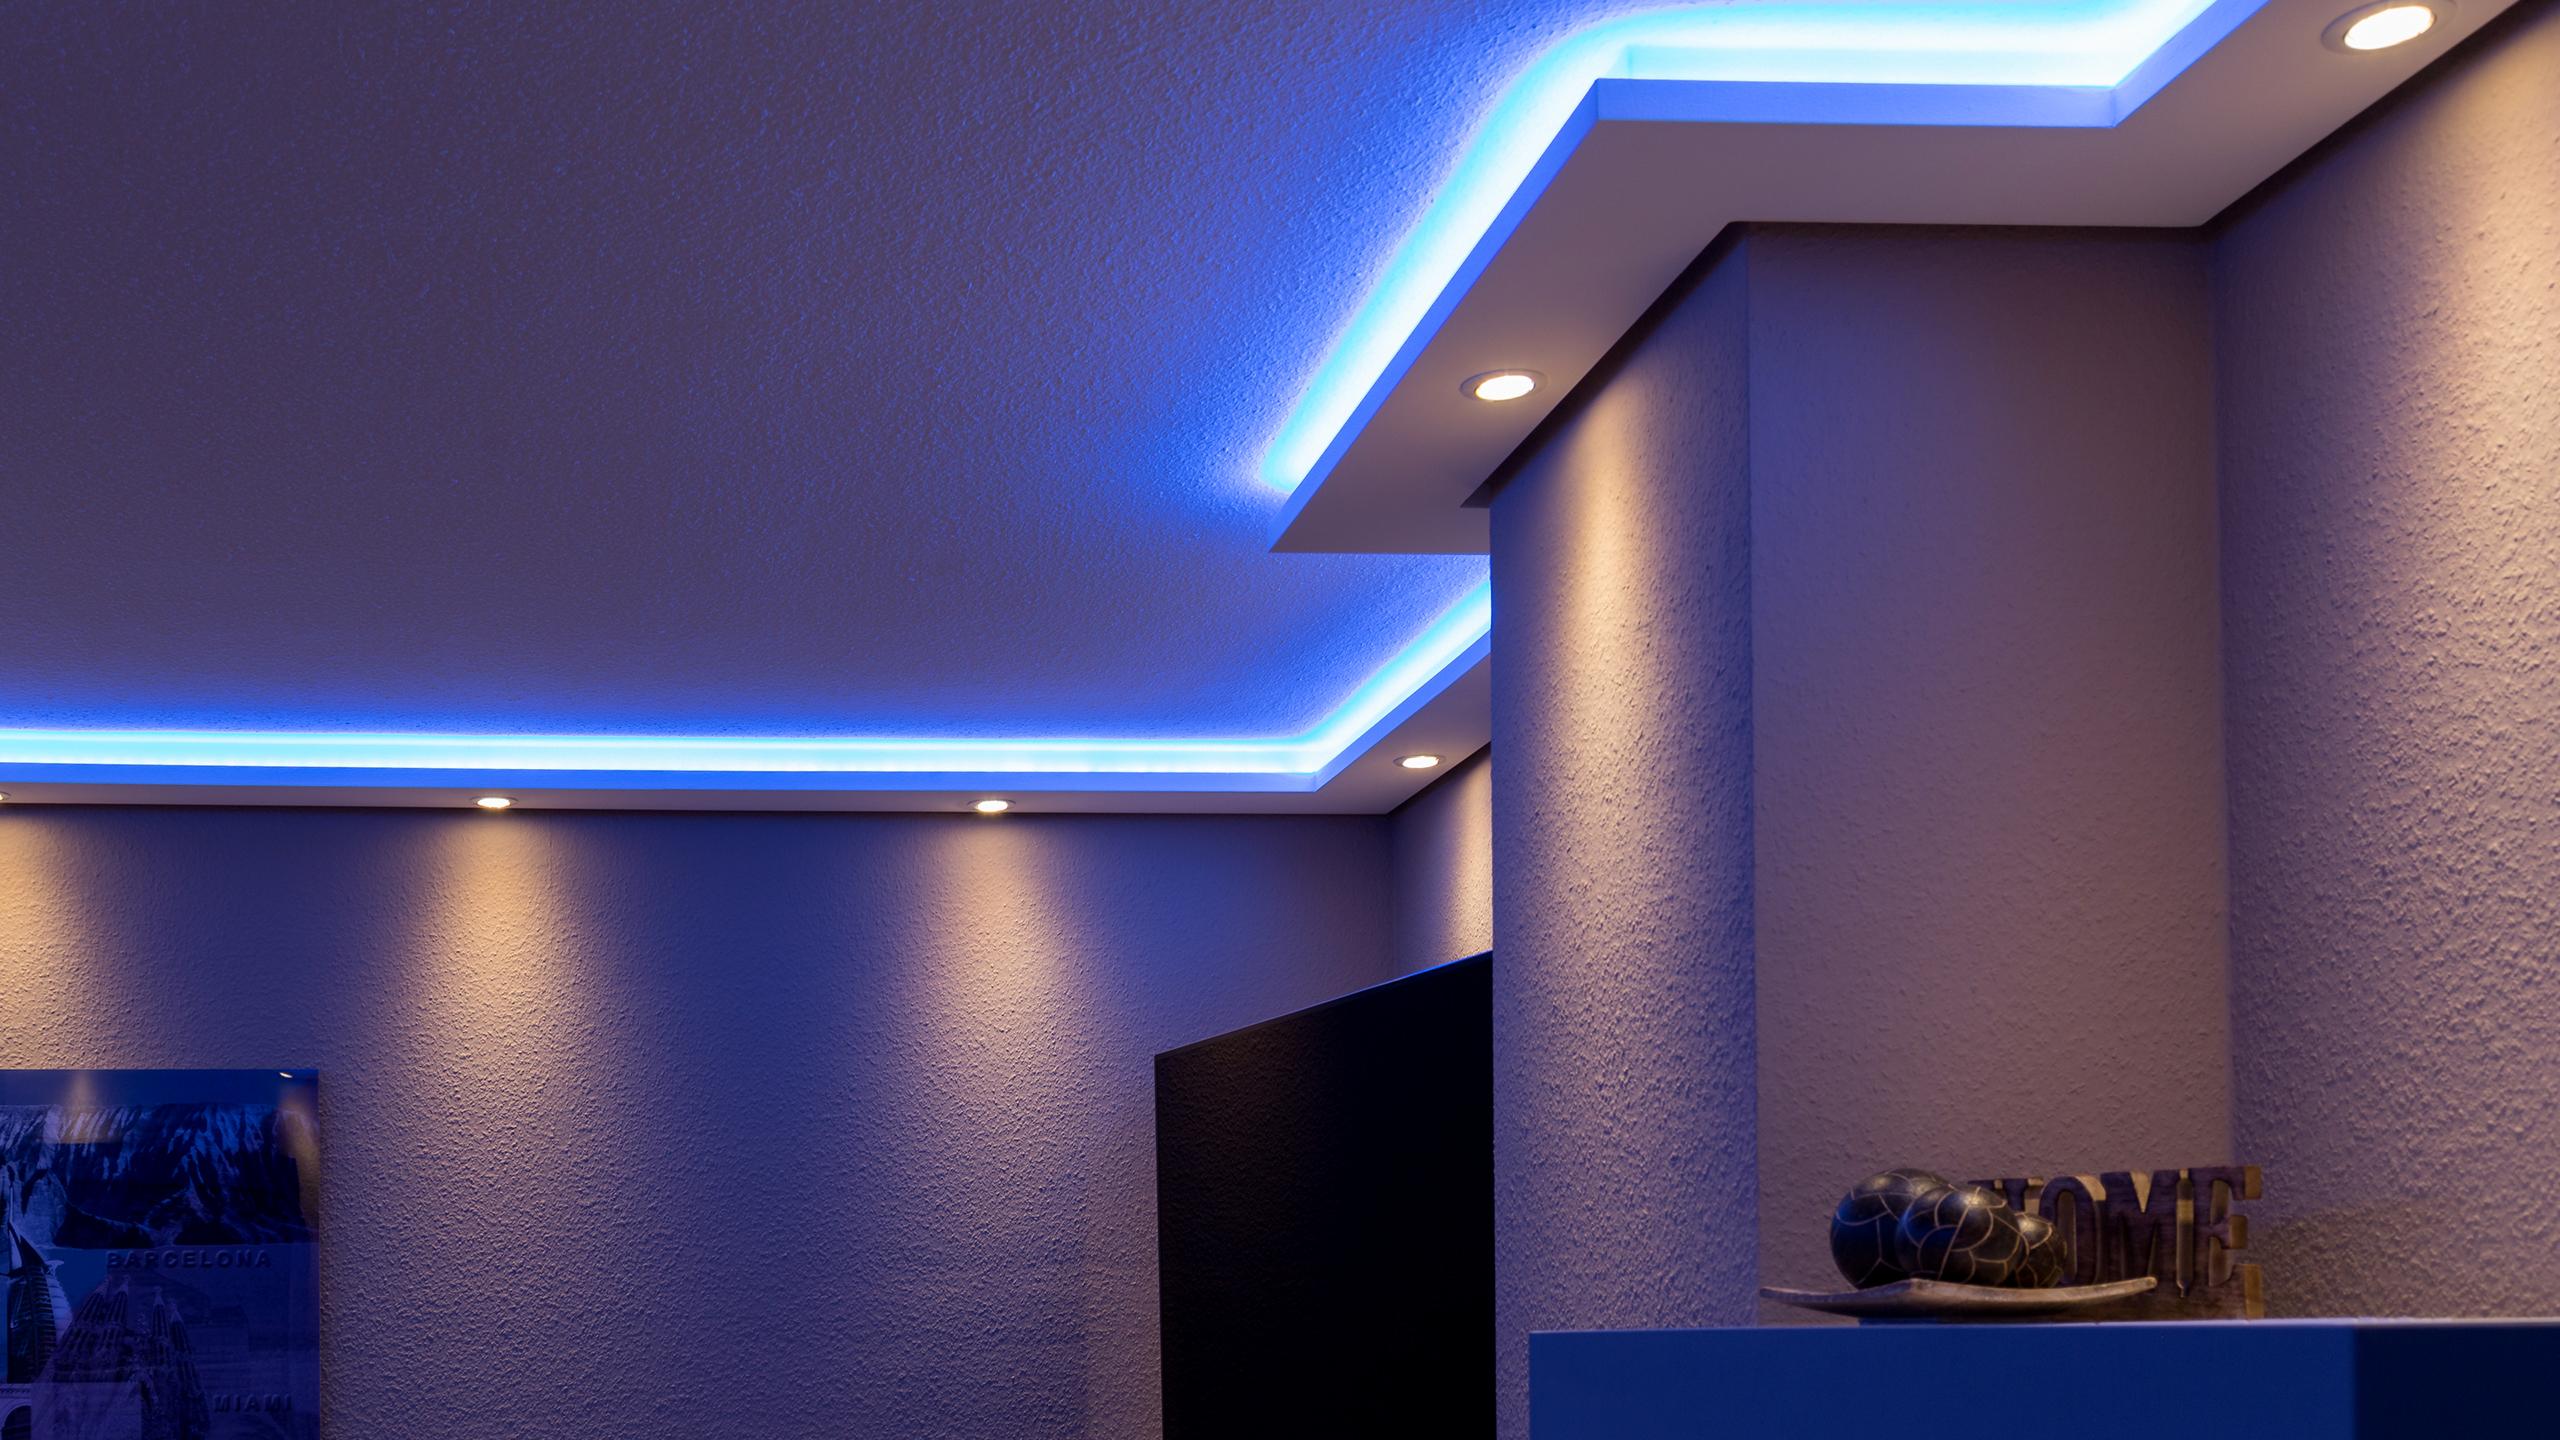 Full Size of Wohnzimmer Indirekte Beleuchtung Stuckleisten Fr Direkte Und Von Wand Gardinen Hängeschrank Weiß Hochglanz Stehlampen Deckenlampe Poster Moderne Wohnzimmer Wohnzimmer Indirekte Beleuchtung